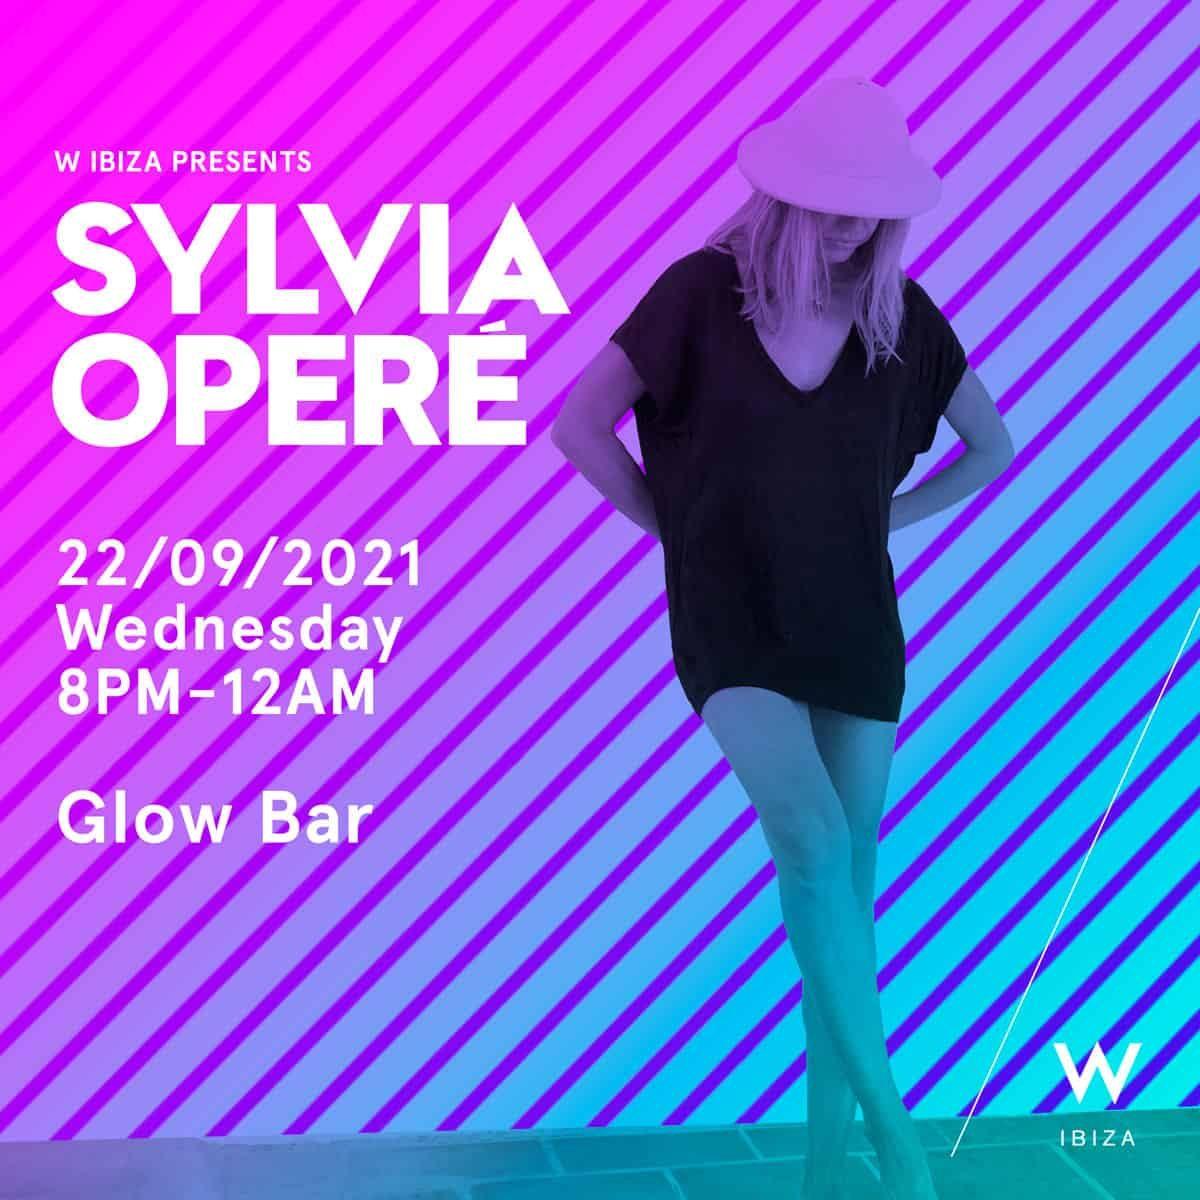 sylvia-opere-w-ibiza-hotel-2021-welcometoibiza